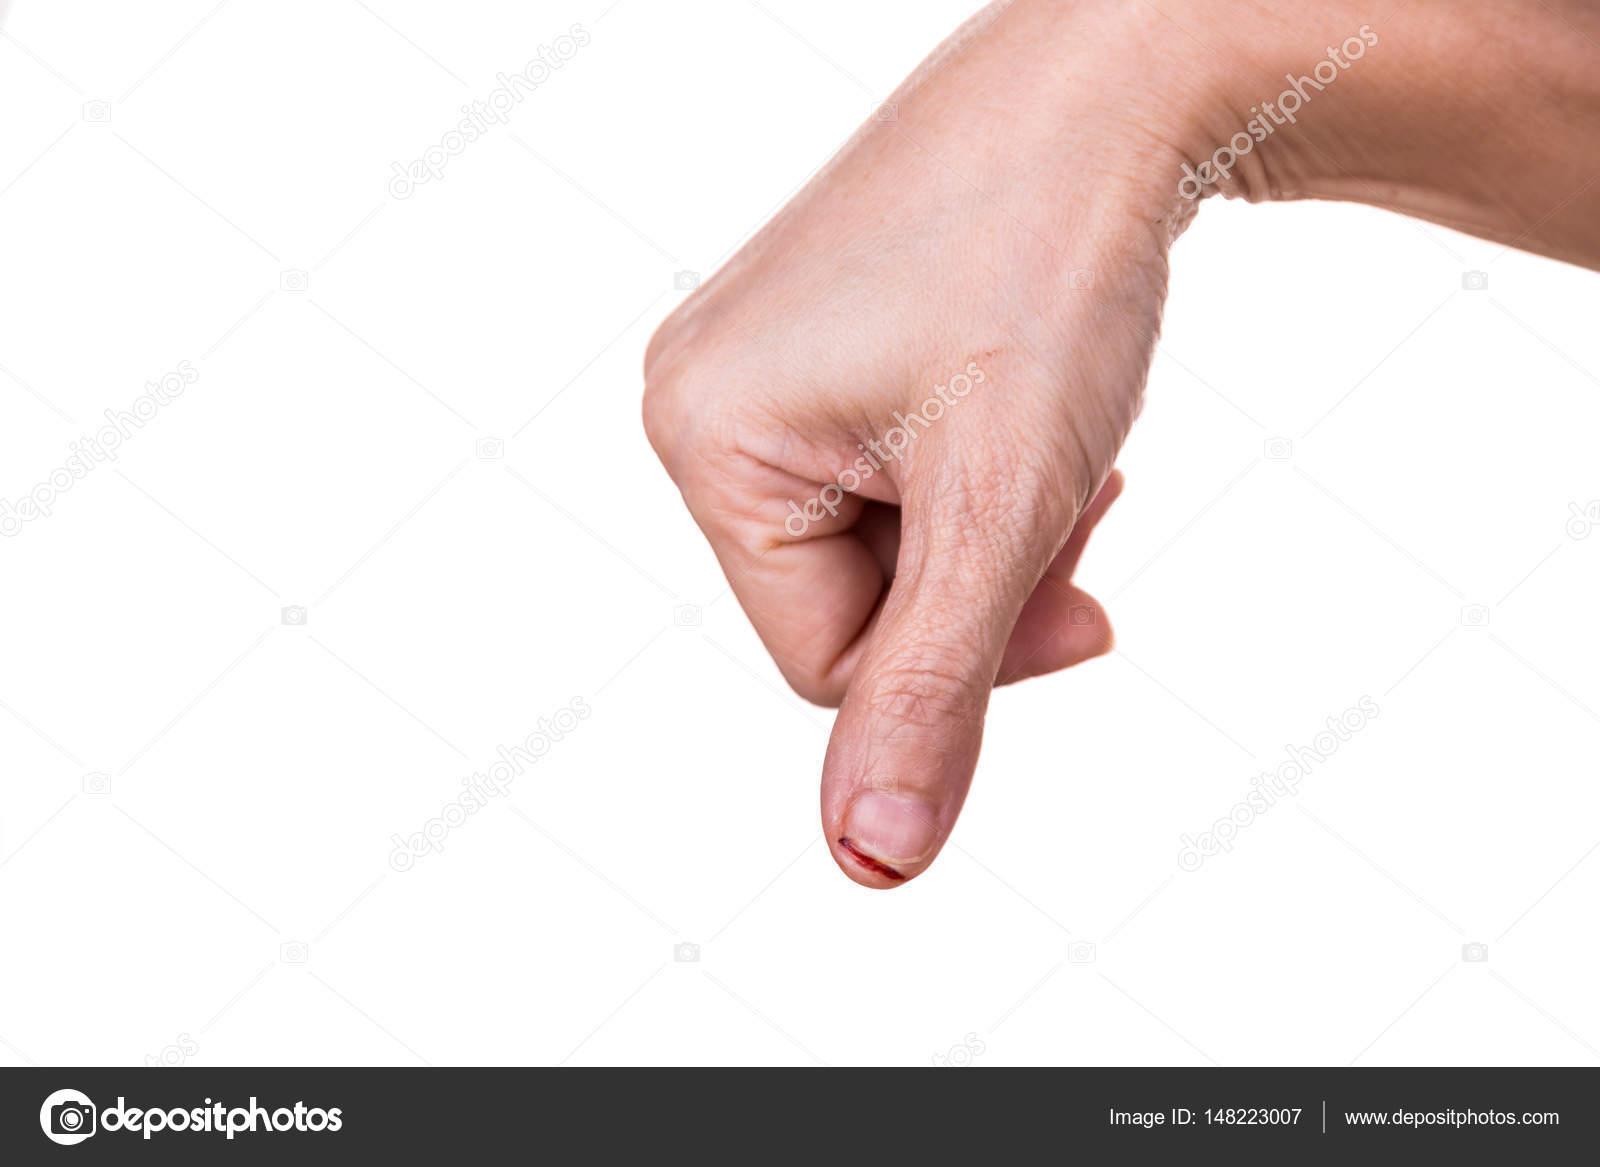 Parmak yaralanması